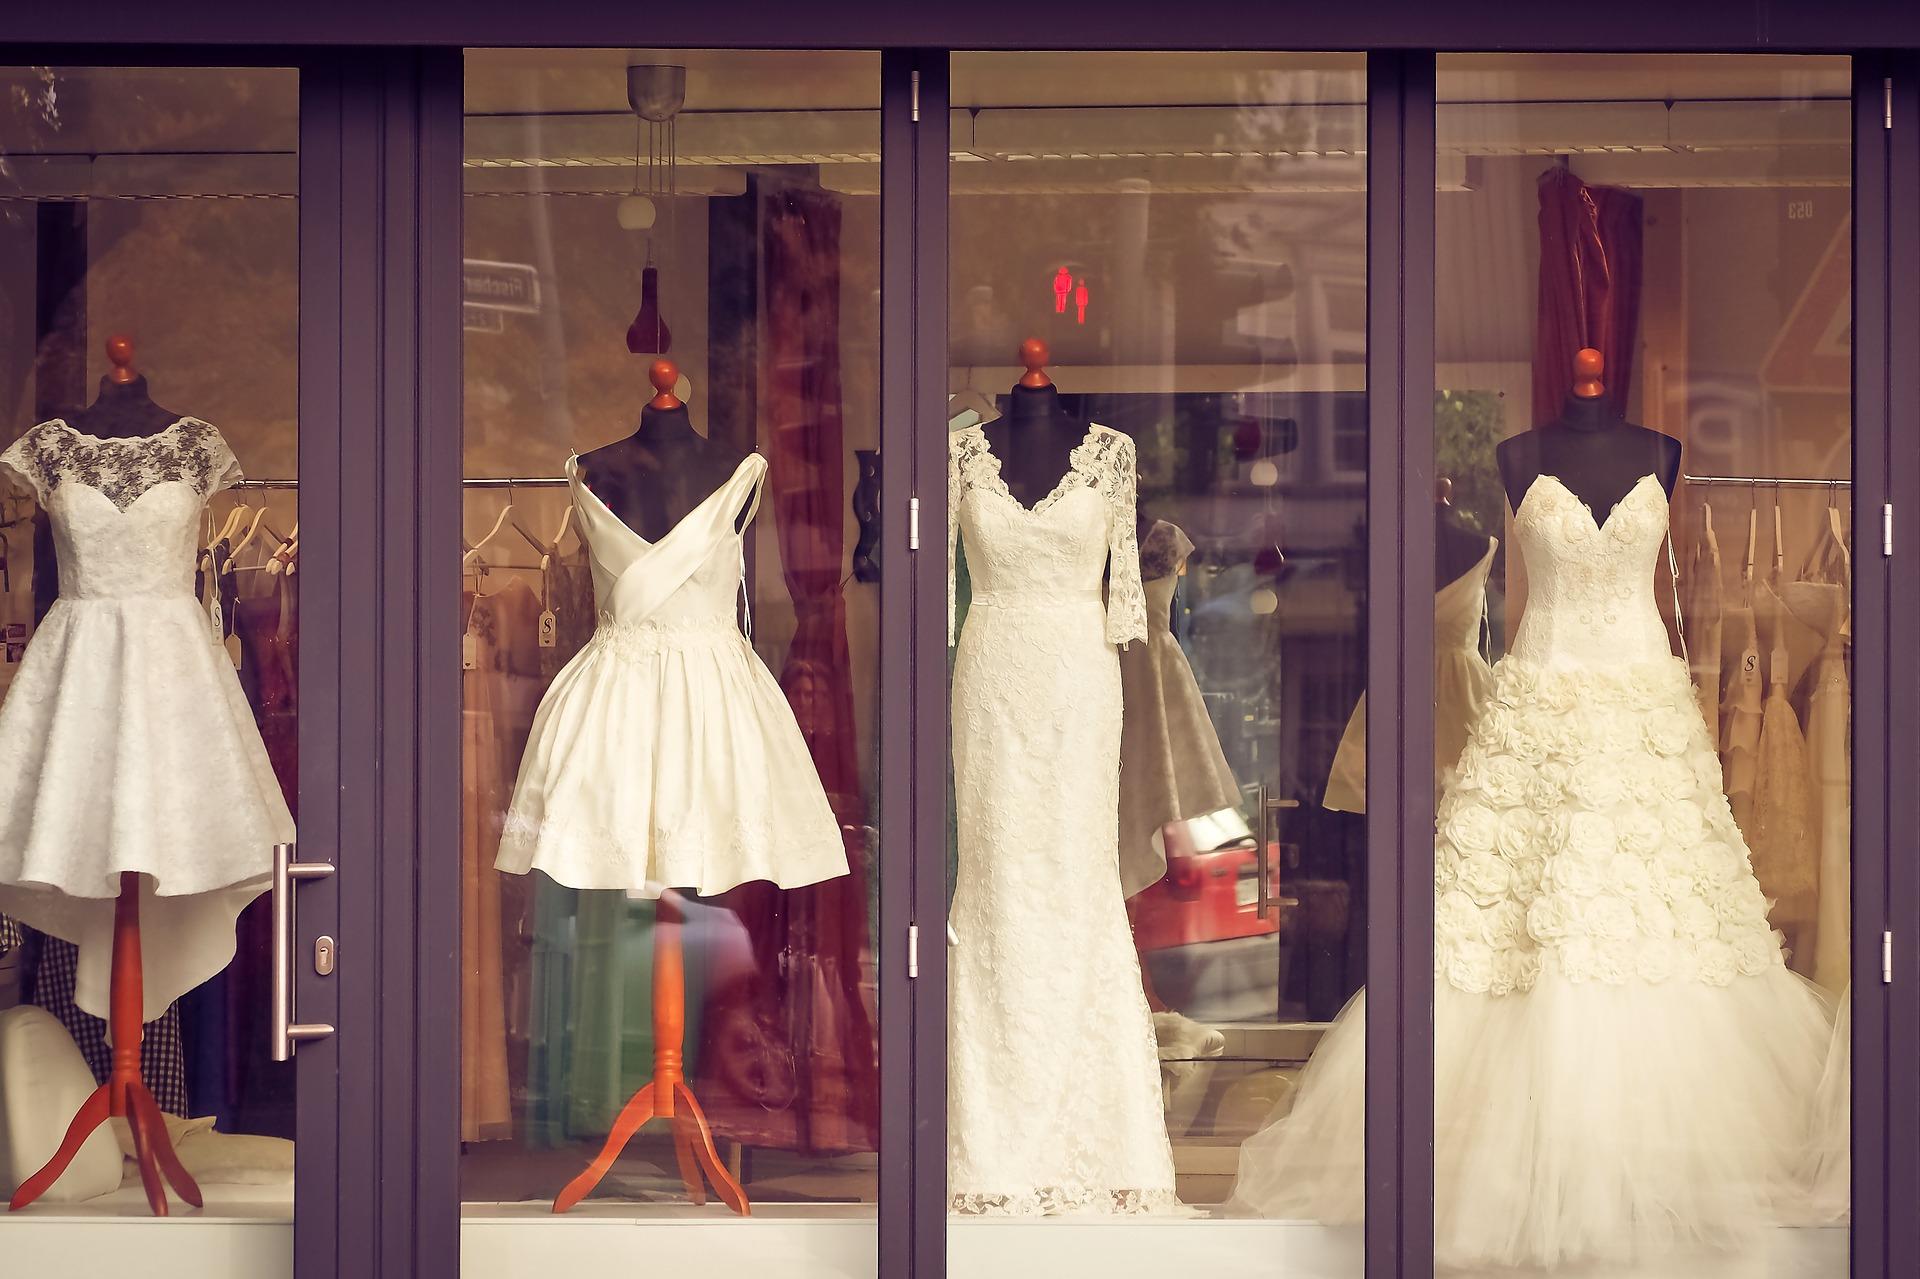 Das Brautkleid finden – Aufgaben der Trauzeugin  